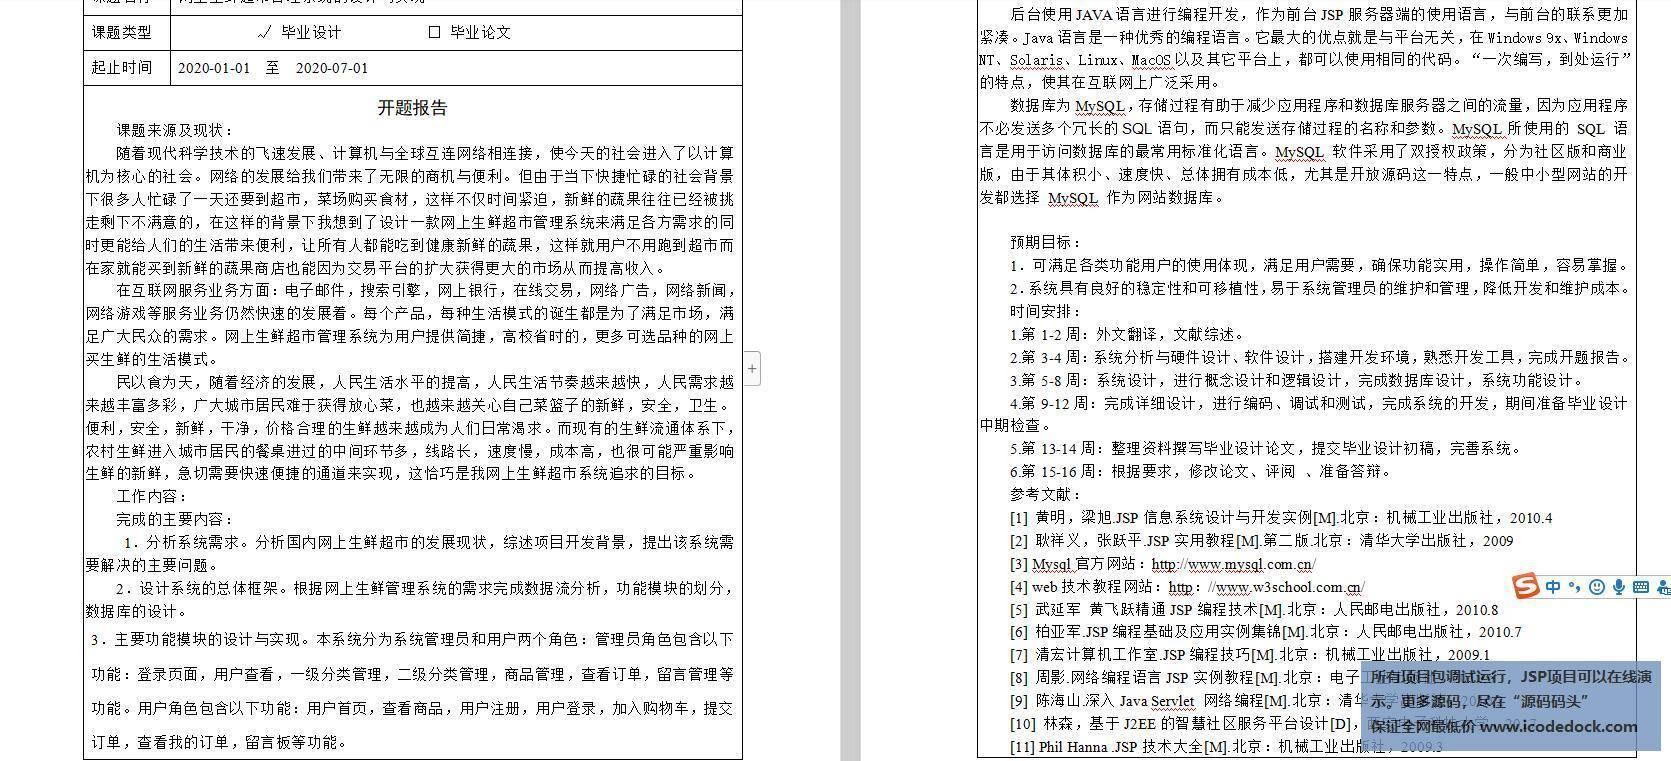 源码码头-SSH网上水果生鲜超市商城管理系统-设计文稿-开题任务书